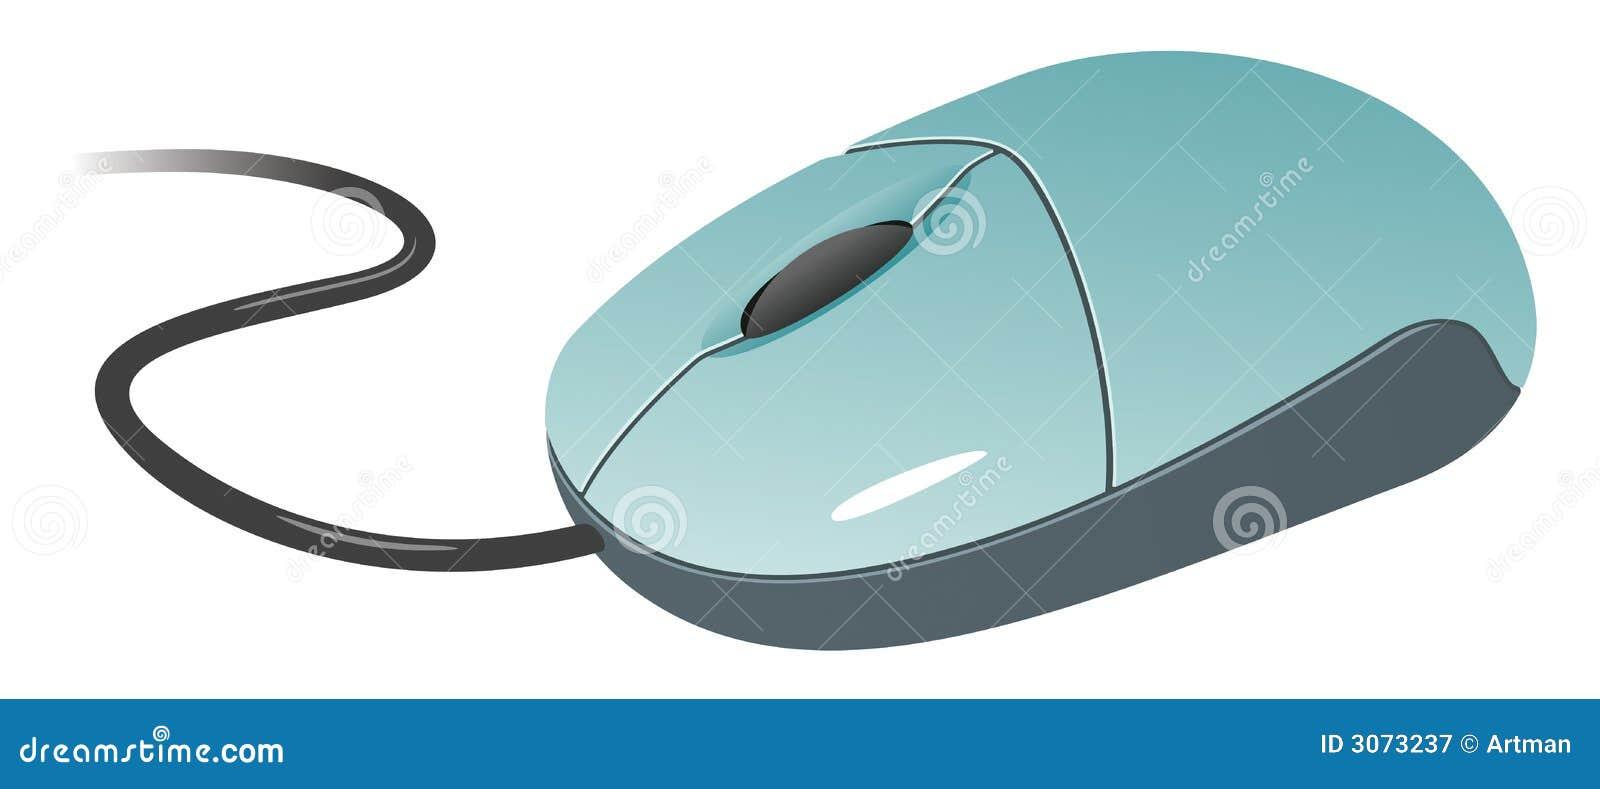 souris d 39 ordinateur illustration de vecteur image du boutons 3073237. Black Bedroom Furniture Sets. Home Design Ideas